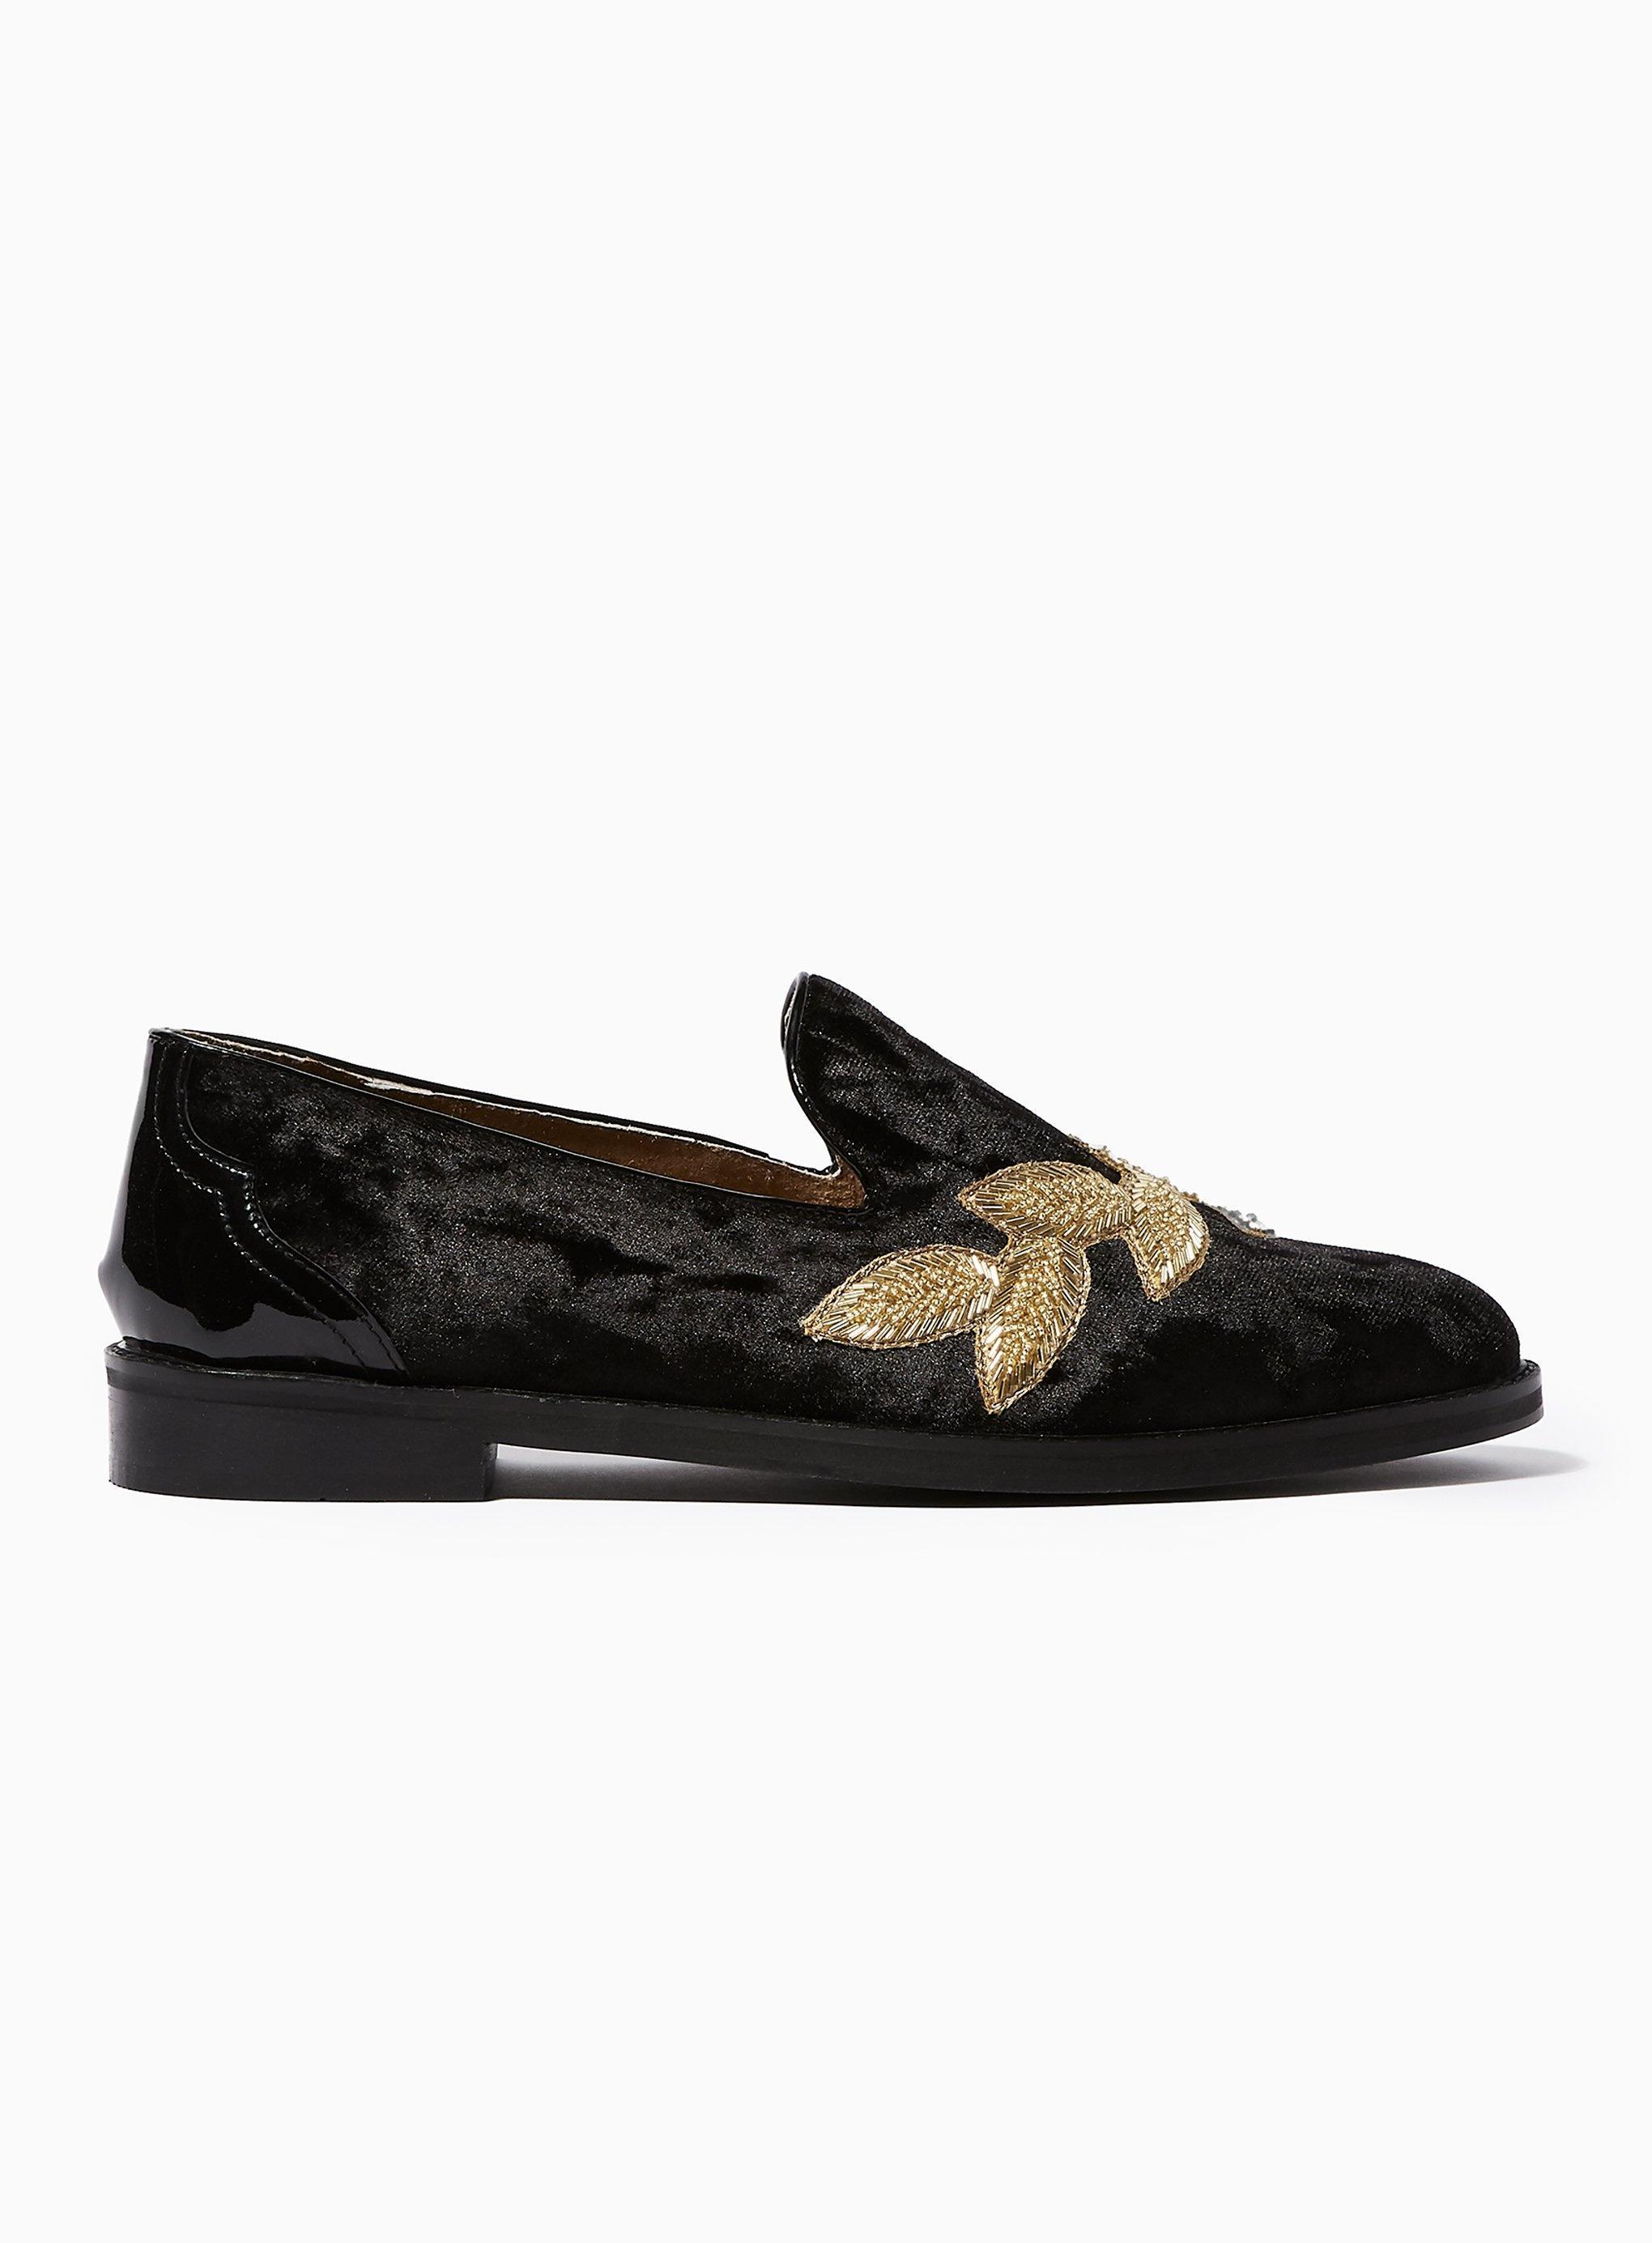 89c9b781a58 House Of Hounds Velvet Styx Brocade Loafer in Black for Men - Lyst